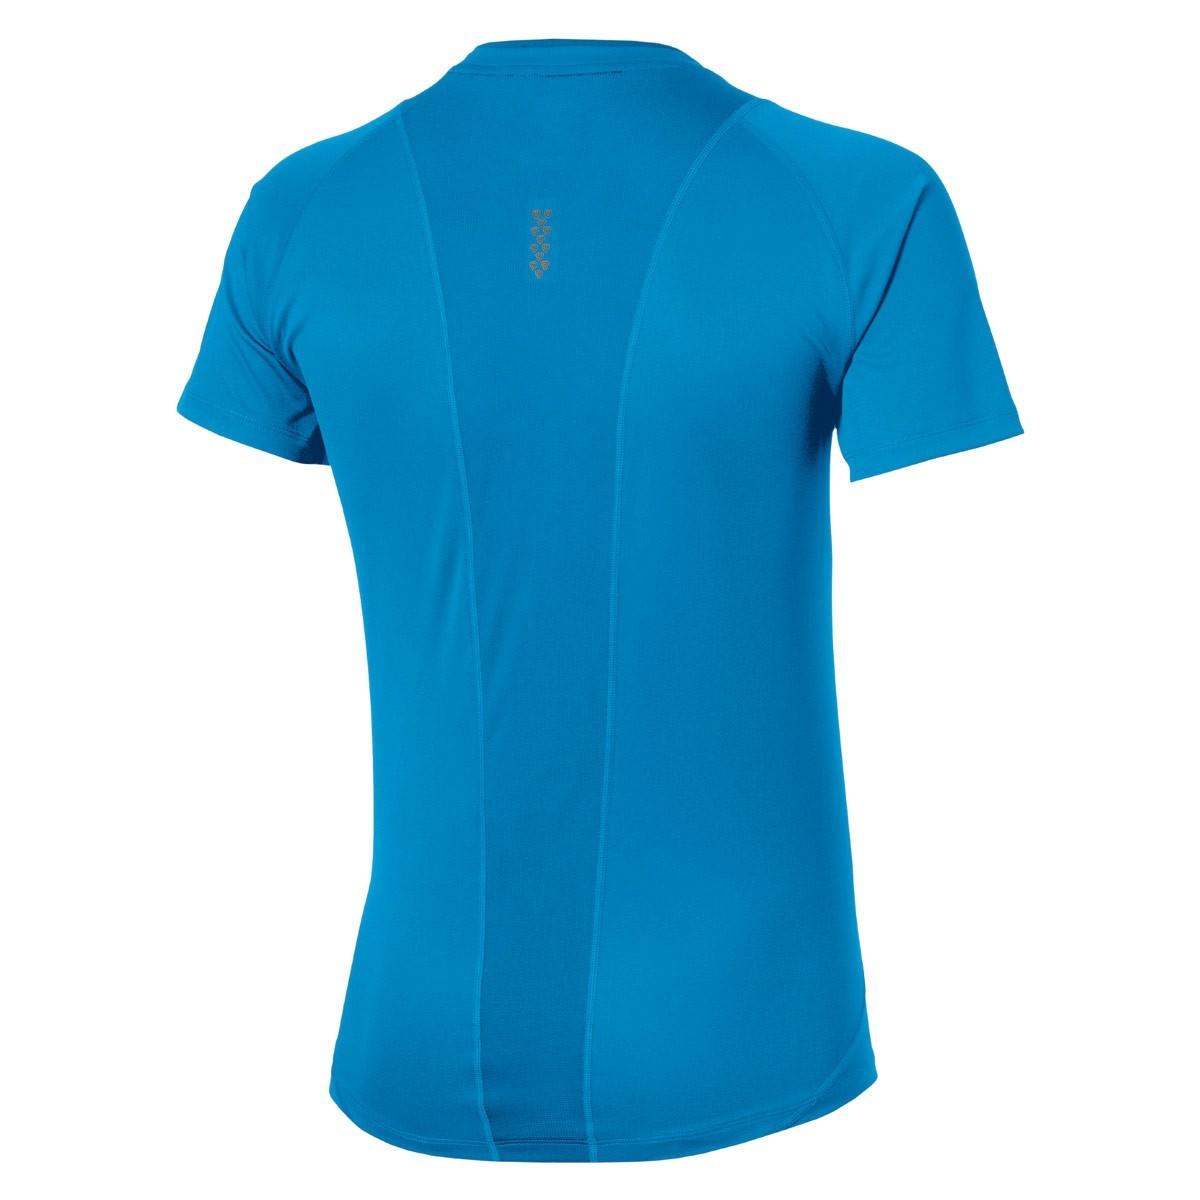 Мужская беговая  футболка Asics Stride SS Top (129916 0823) голубая фото